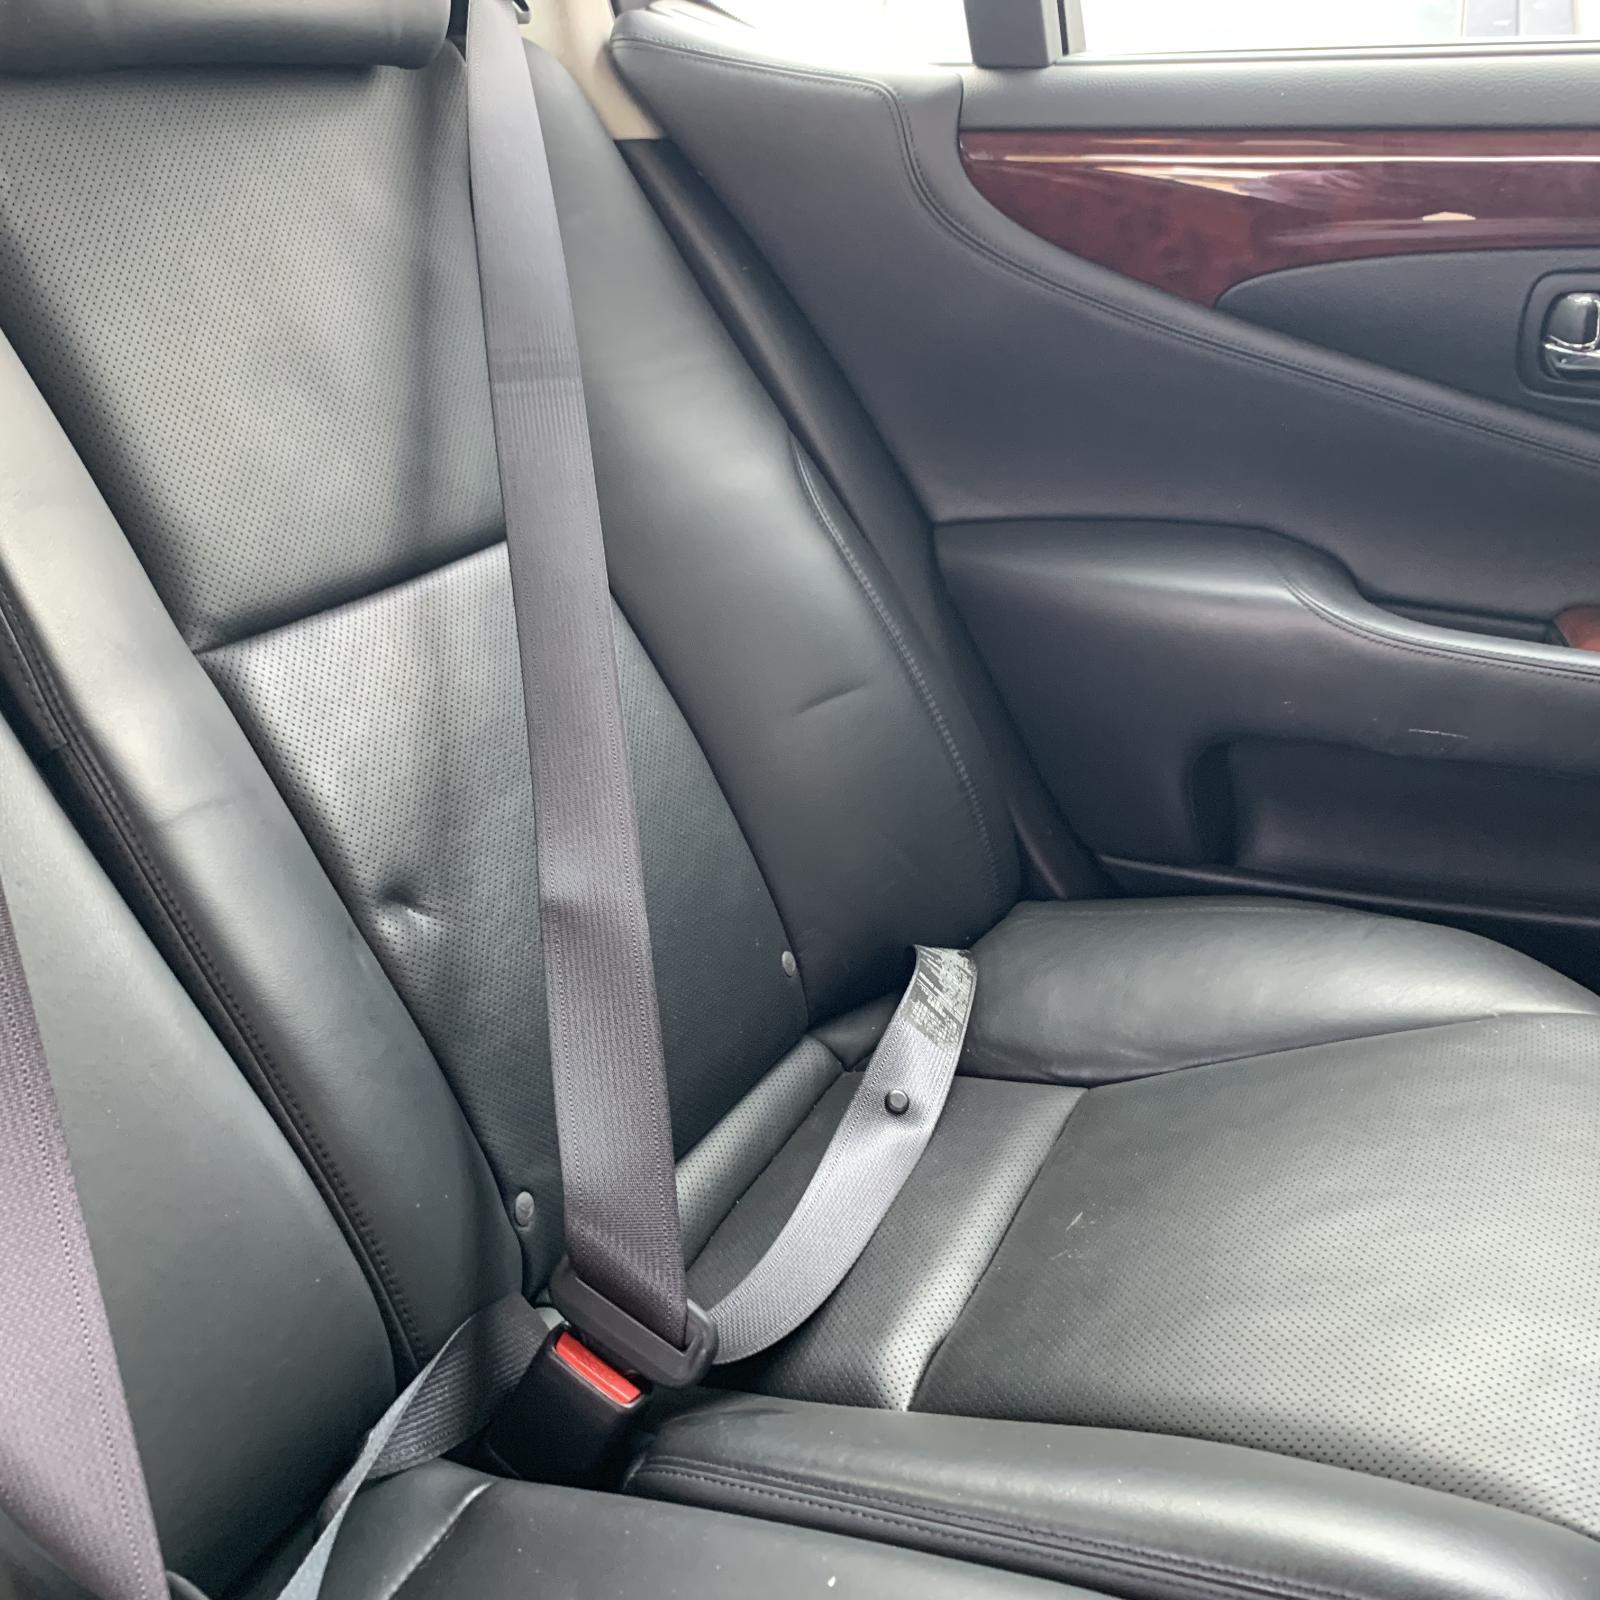 LEXUS LS460, Seatbelt/Stalk, LH REAR, SEAT BELT STALK ONLY, BLACK, 40 SERIES, 08/06-11/09